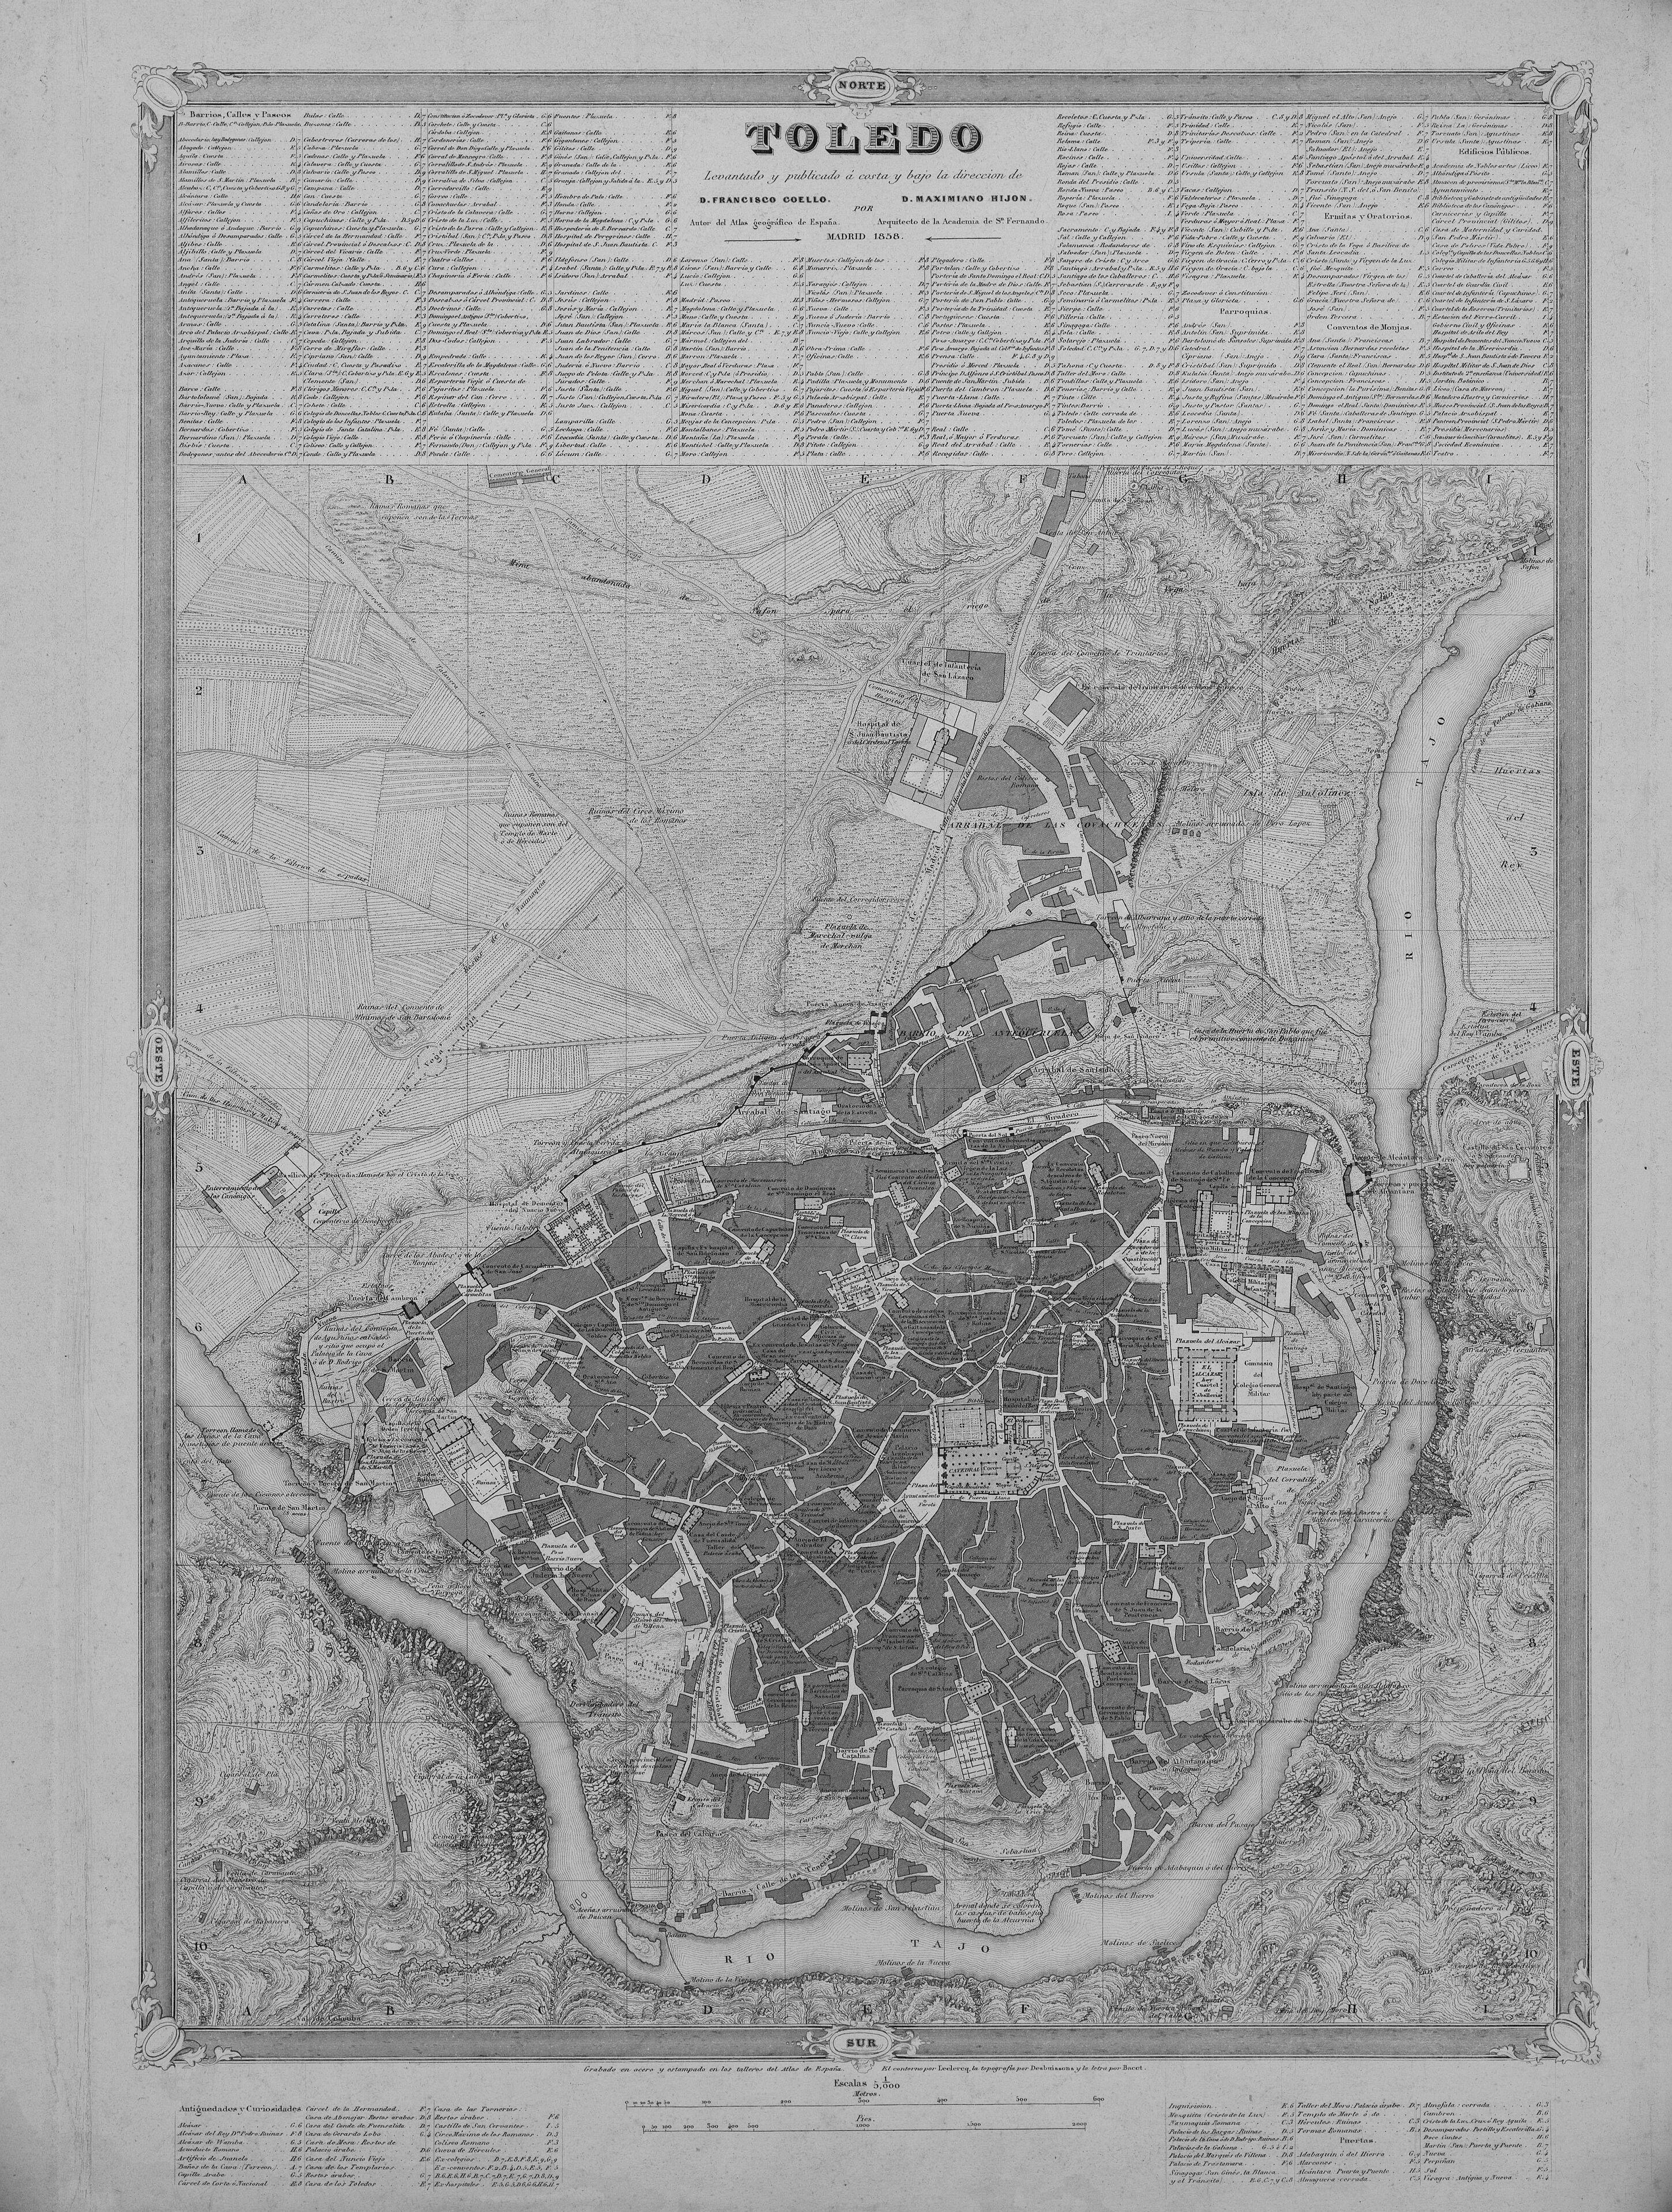 Toledo 1858